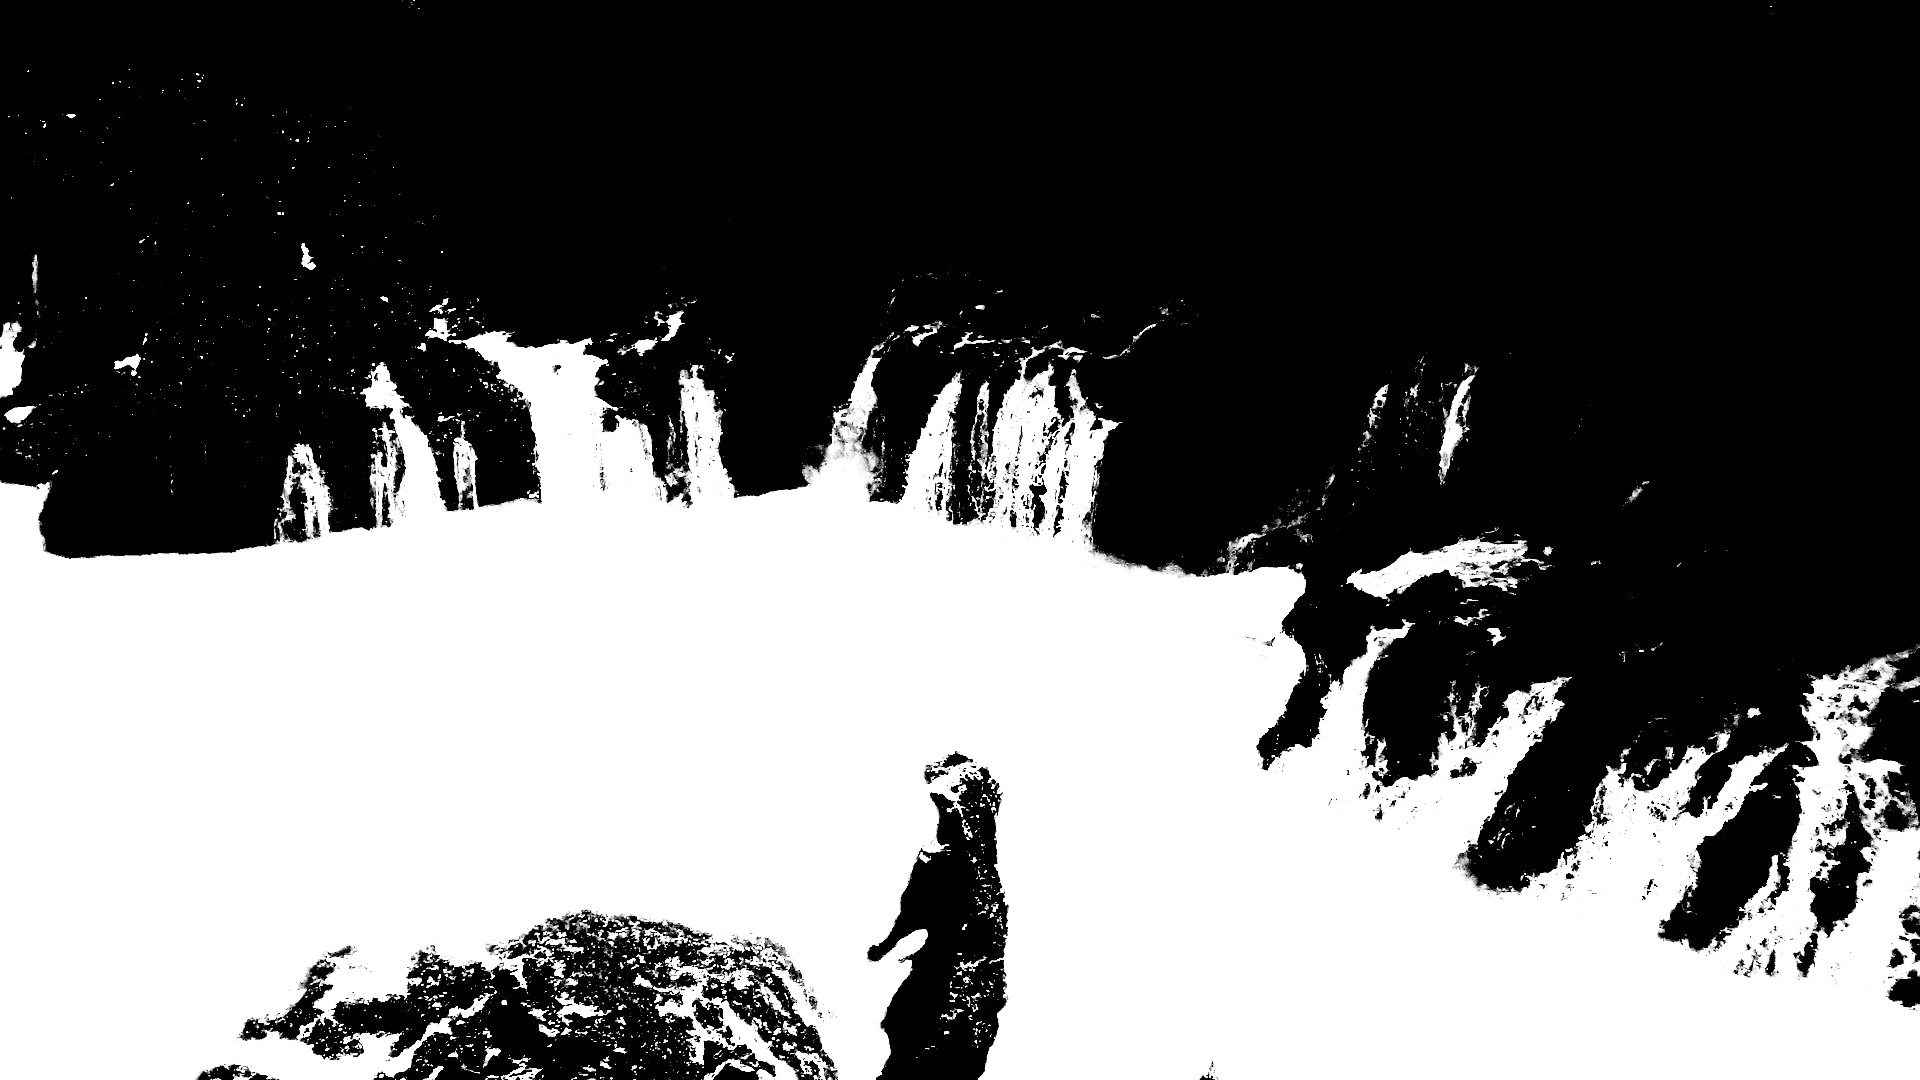 filosofi hitam putih foto boleh hitam putih tetapi hidup tidak